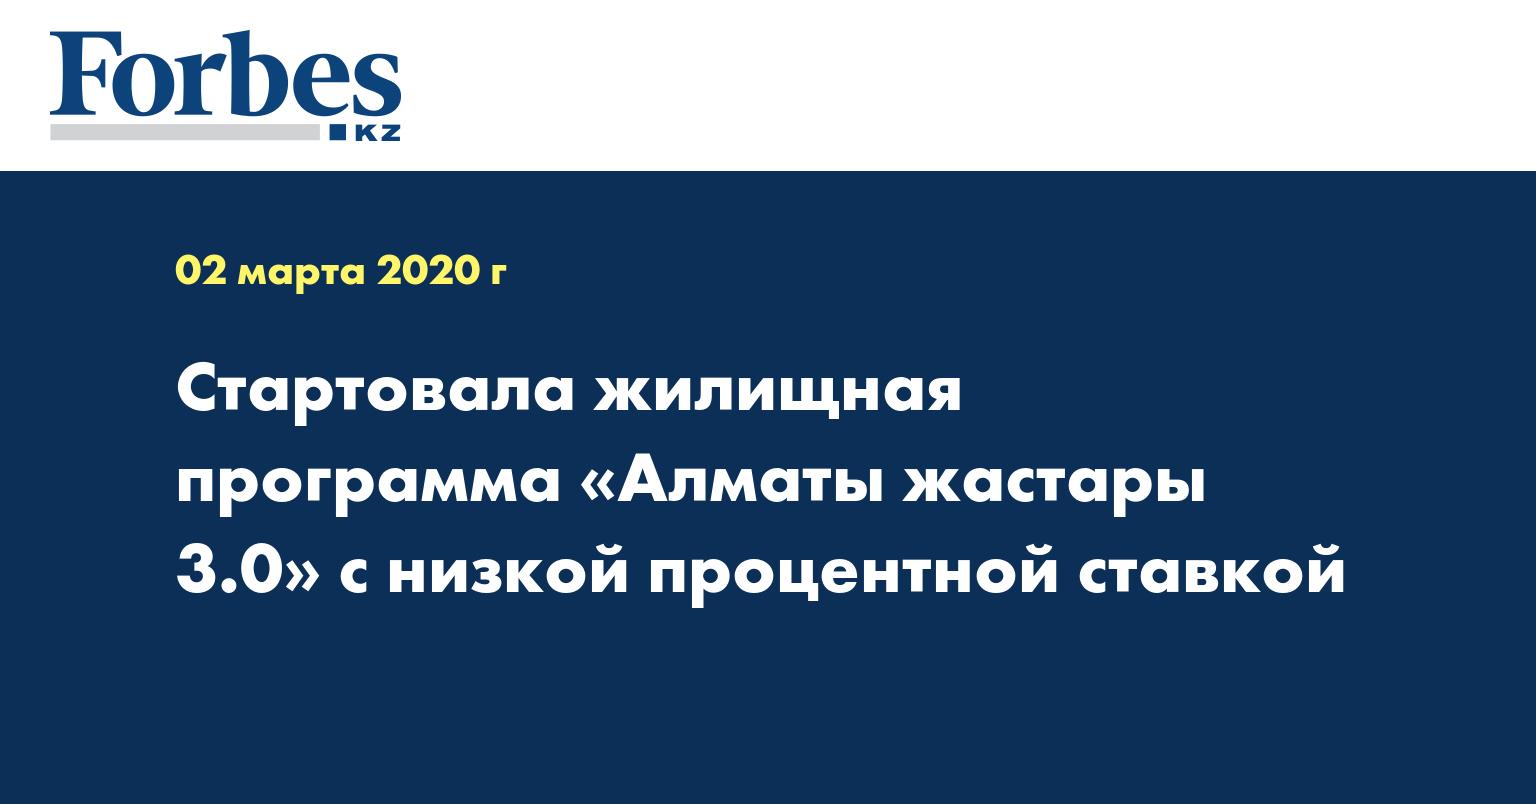 Стартовала жилищная программа «Алматы жастары 3.0» с низкой процентной ставкой